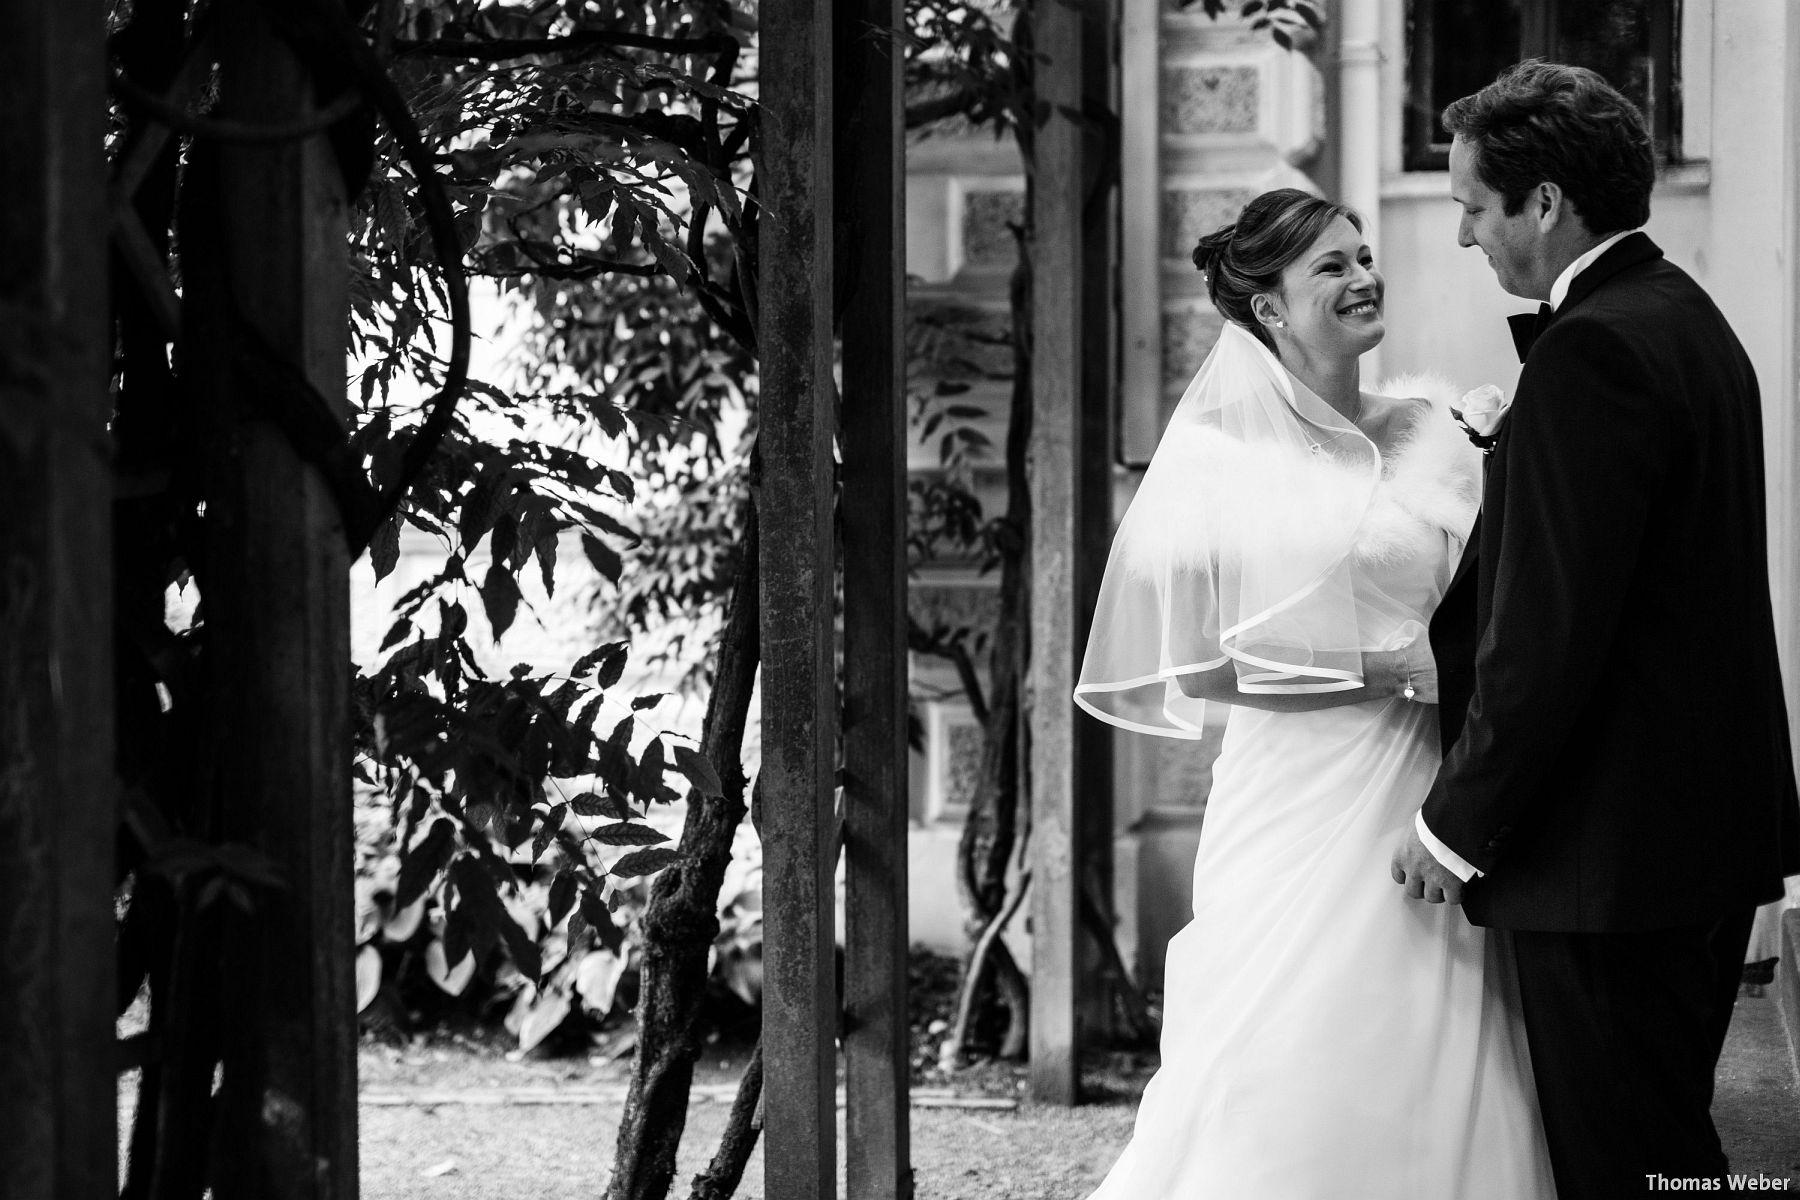 Hochzeitsfotograf Rastede: Kirchliche Trauung in der St. Ulrichs Kirche Rastede und Hochzeitsfeier in der Eventscheune St Georg Rastede mit dem Catering von Michael Niebuhr aus Oldenburg (38)